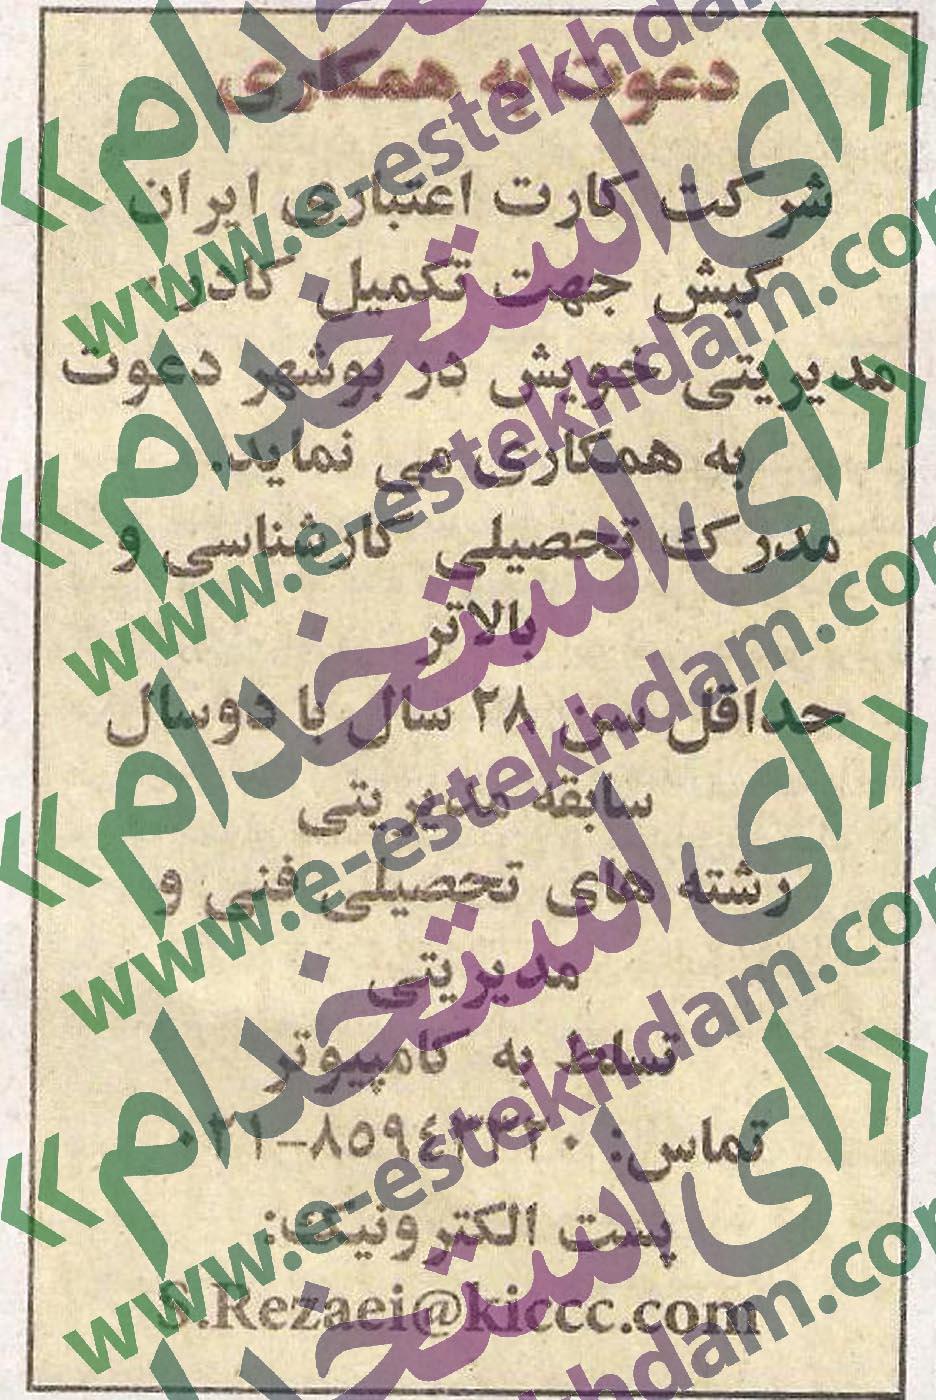 نیازمندیهای بوشهر سایت استخدام استخدام مهر 93 استخدام جدید 93 استخدام بوشهر استخدام 93